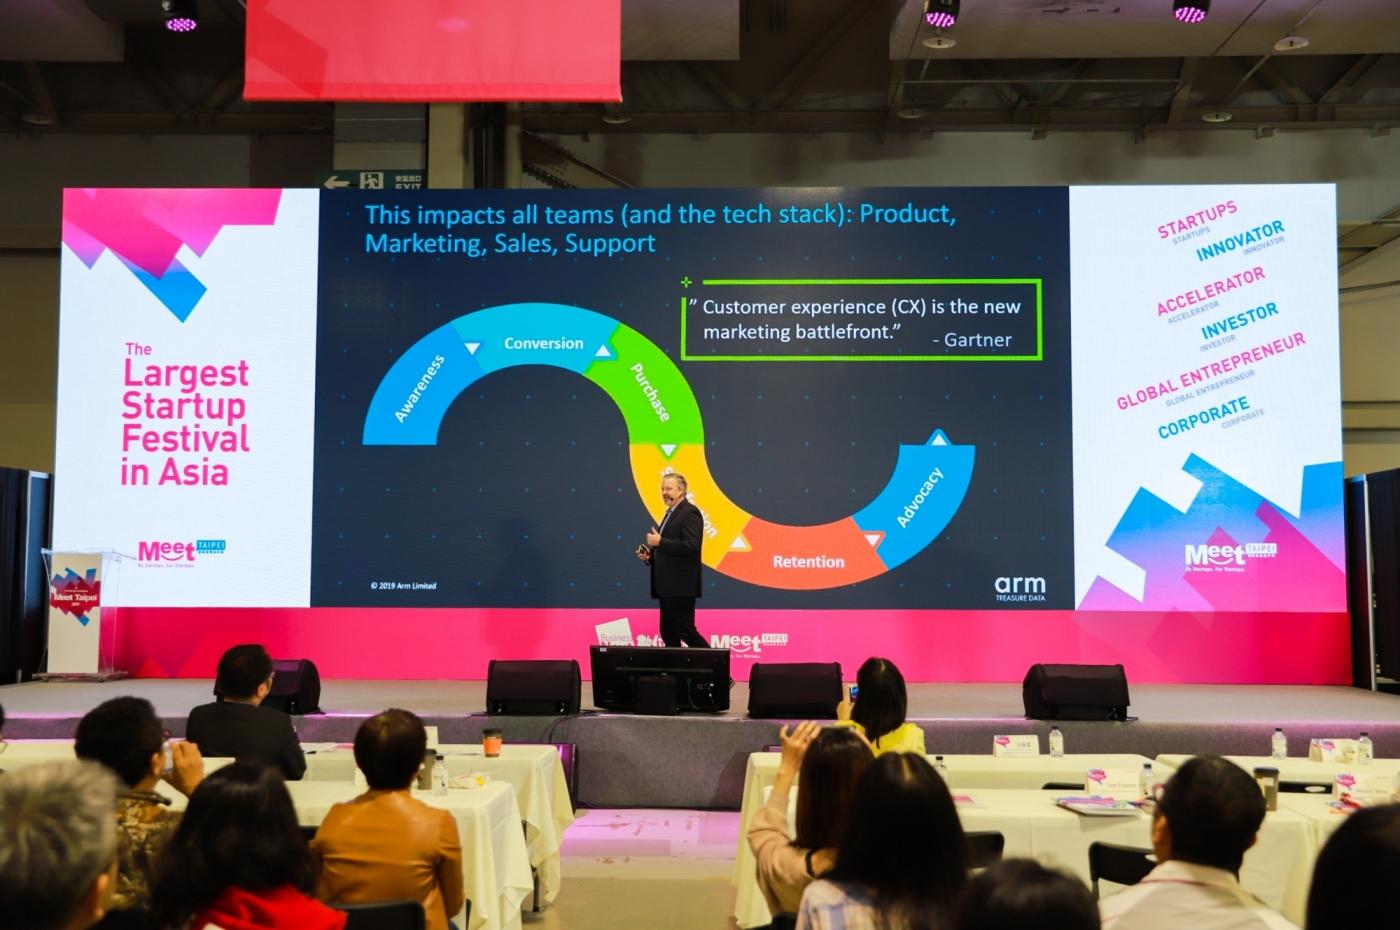 國際加速器、大型企業、技術型新創,如何面對新常態下的數位轉型挑戰?